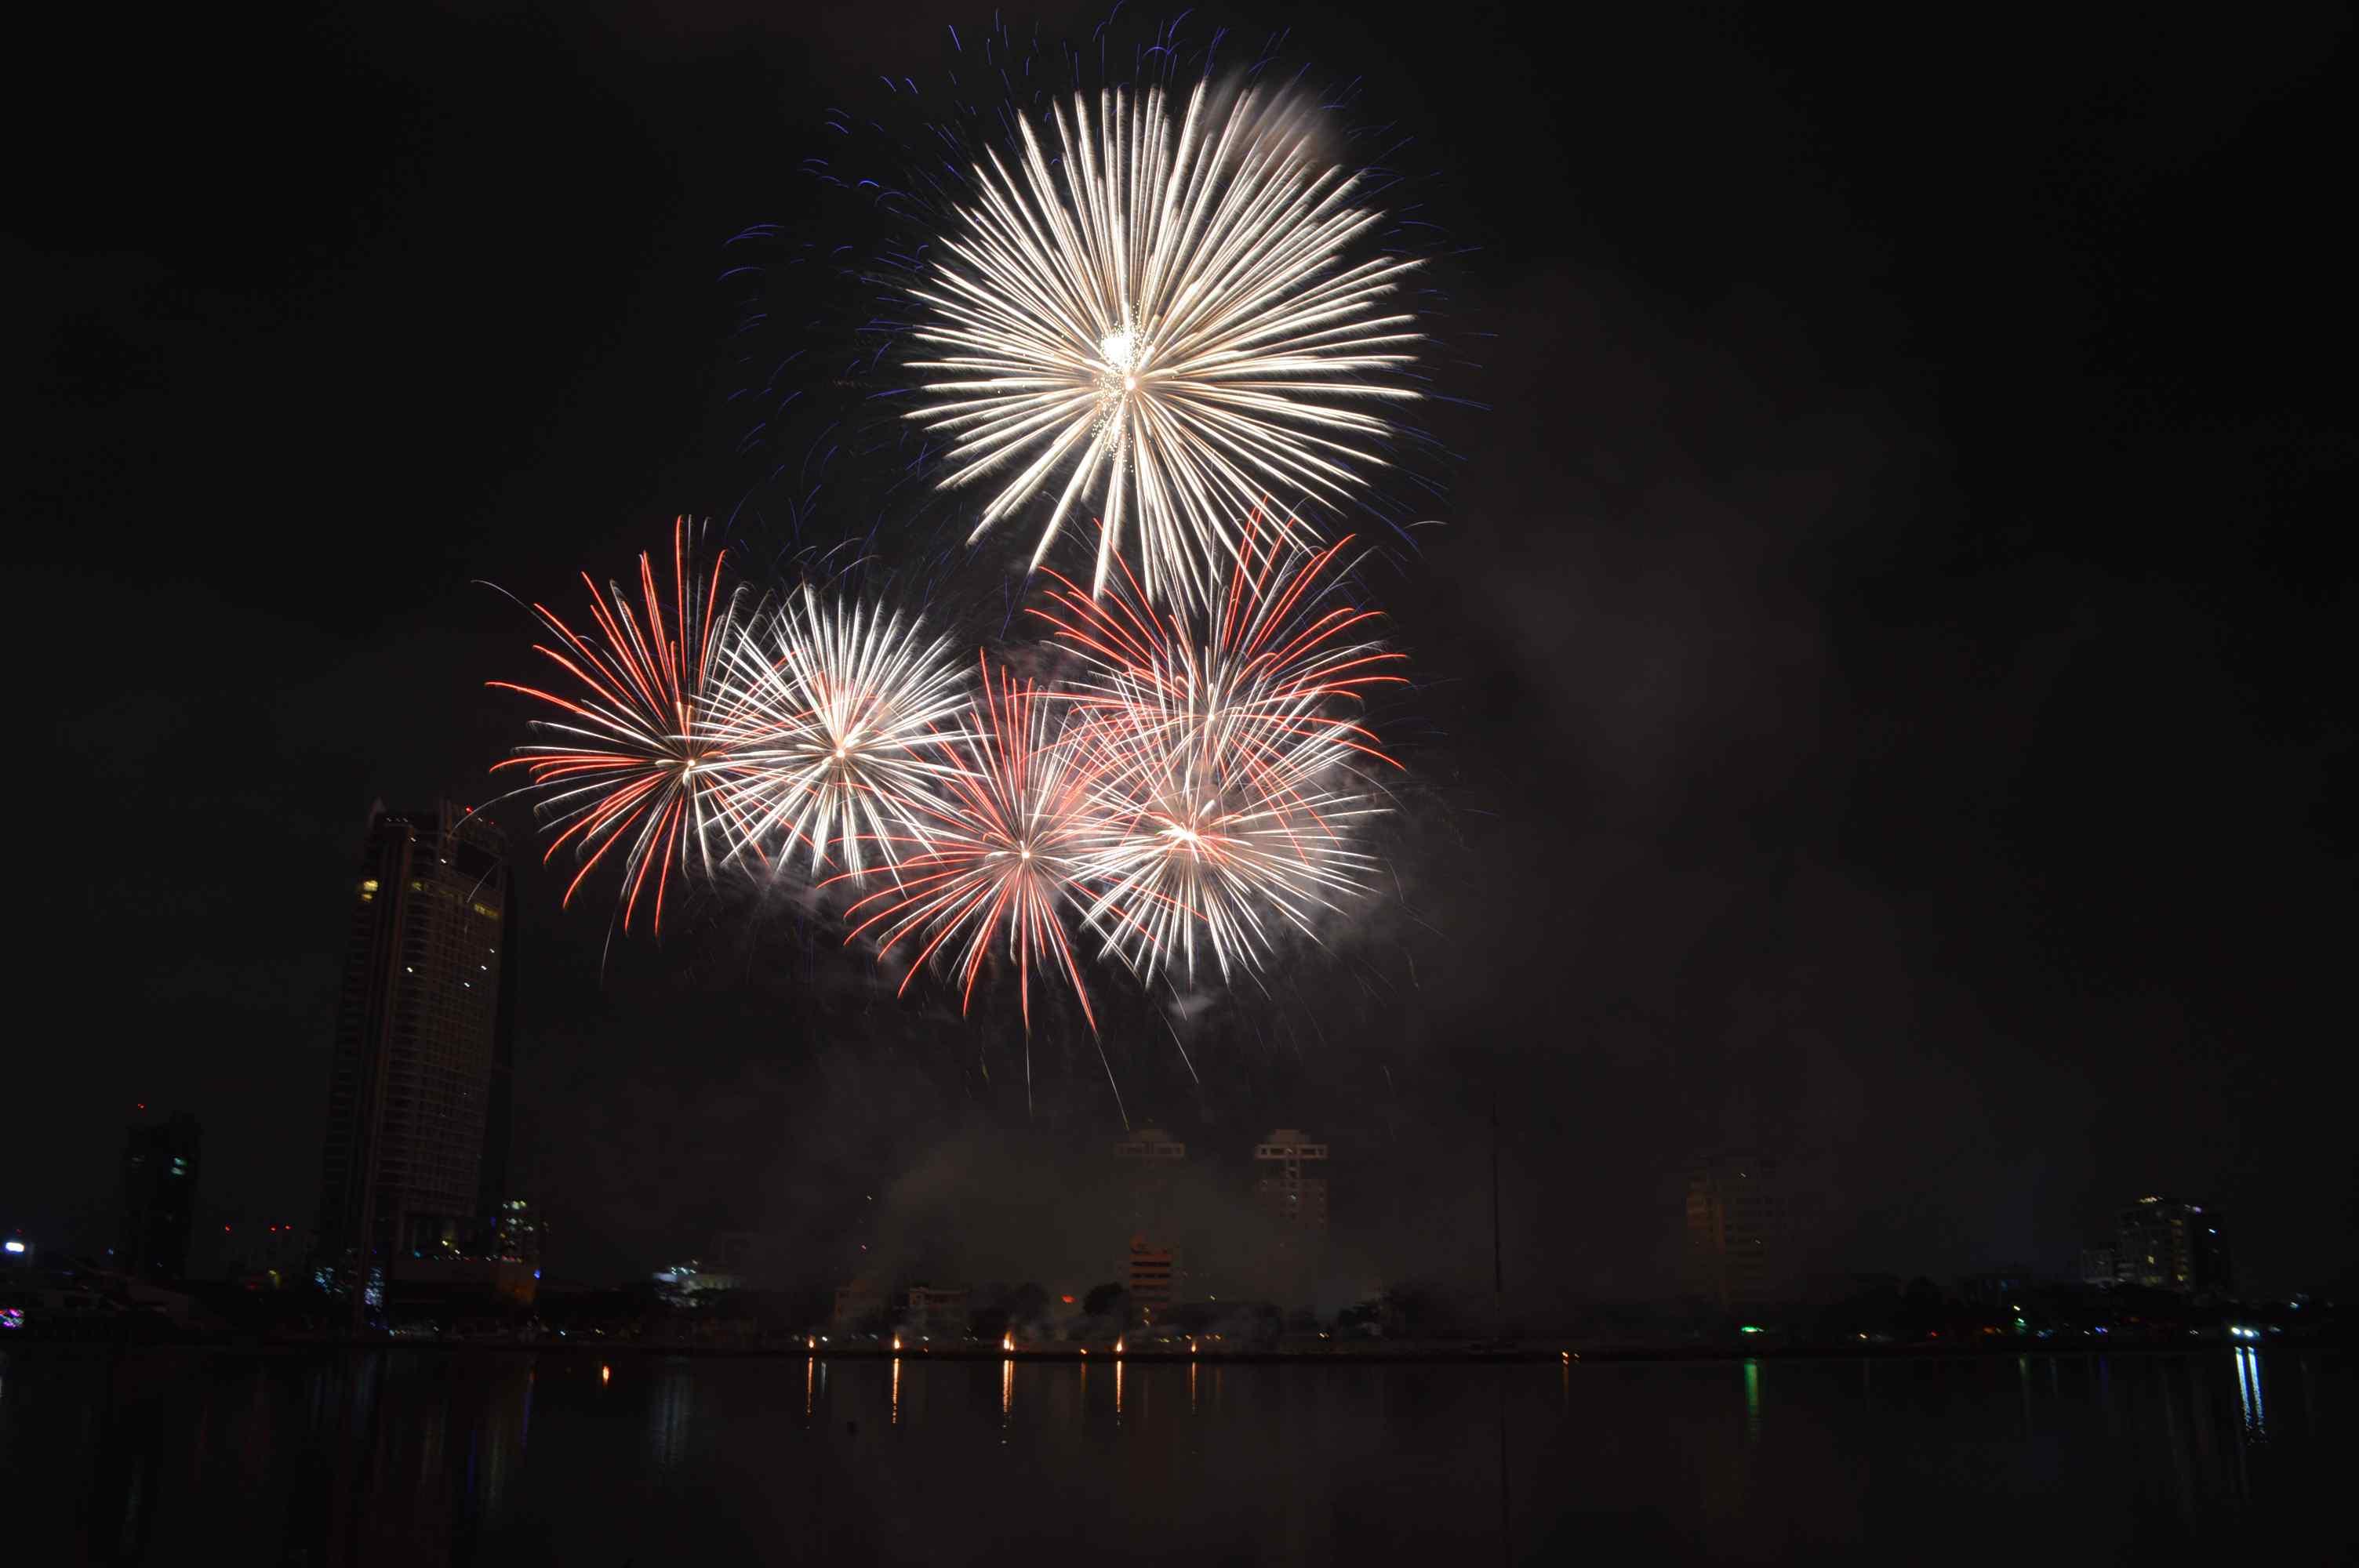 Việc khai mạc Lễ hội pháo hoa quốc tế Đà Nẵng 2018 vào đúng dịp lễ giúp thành phố thu hút thêm một lượng lớn khách du lịch. Ảnh: Q.T